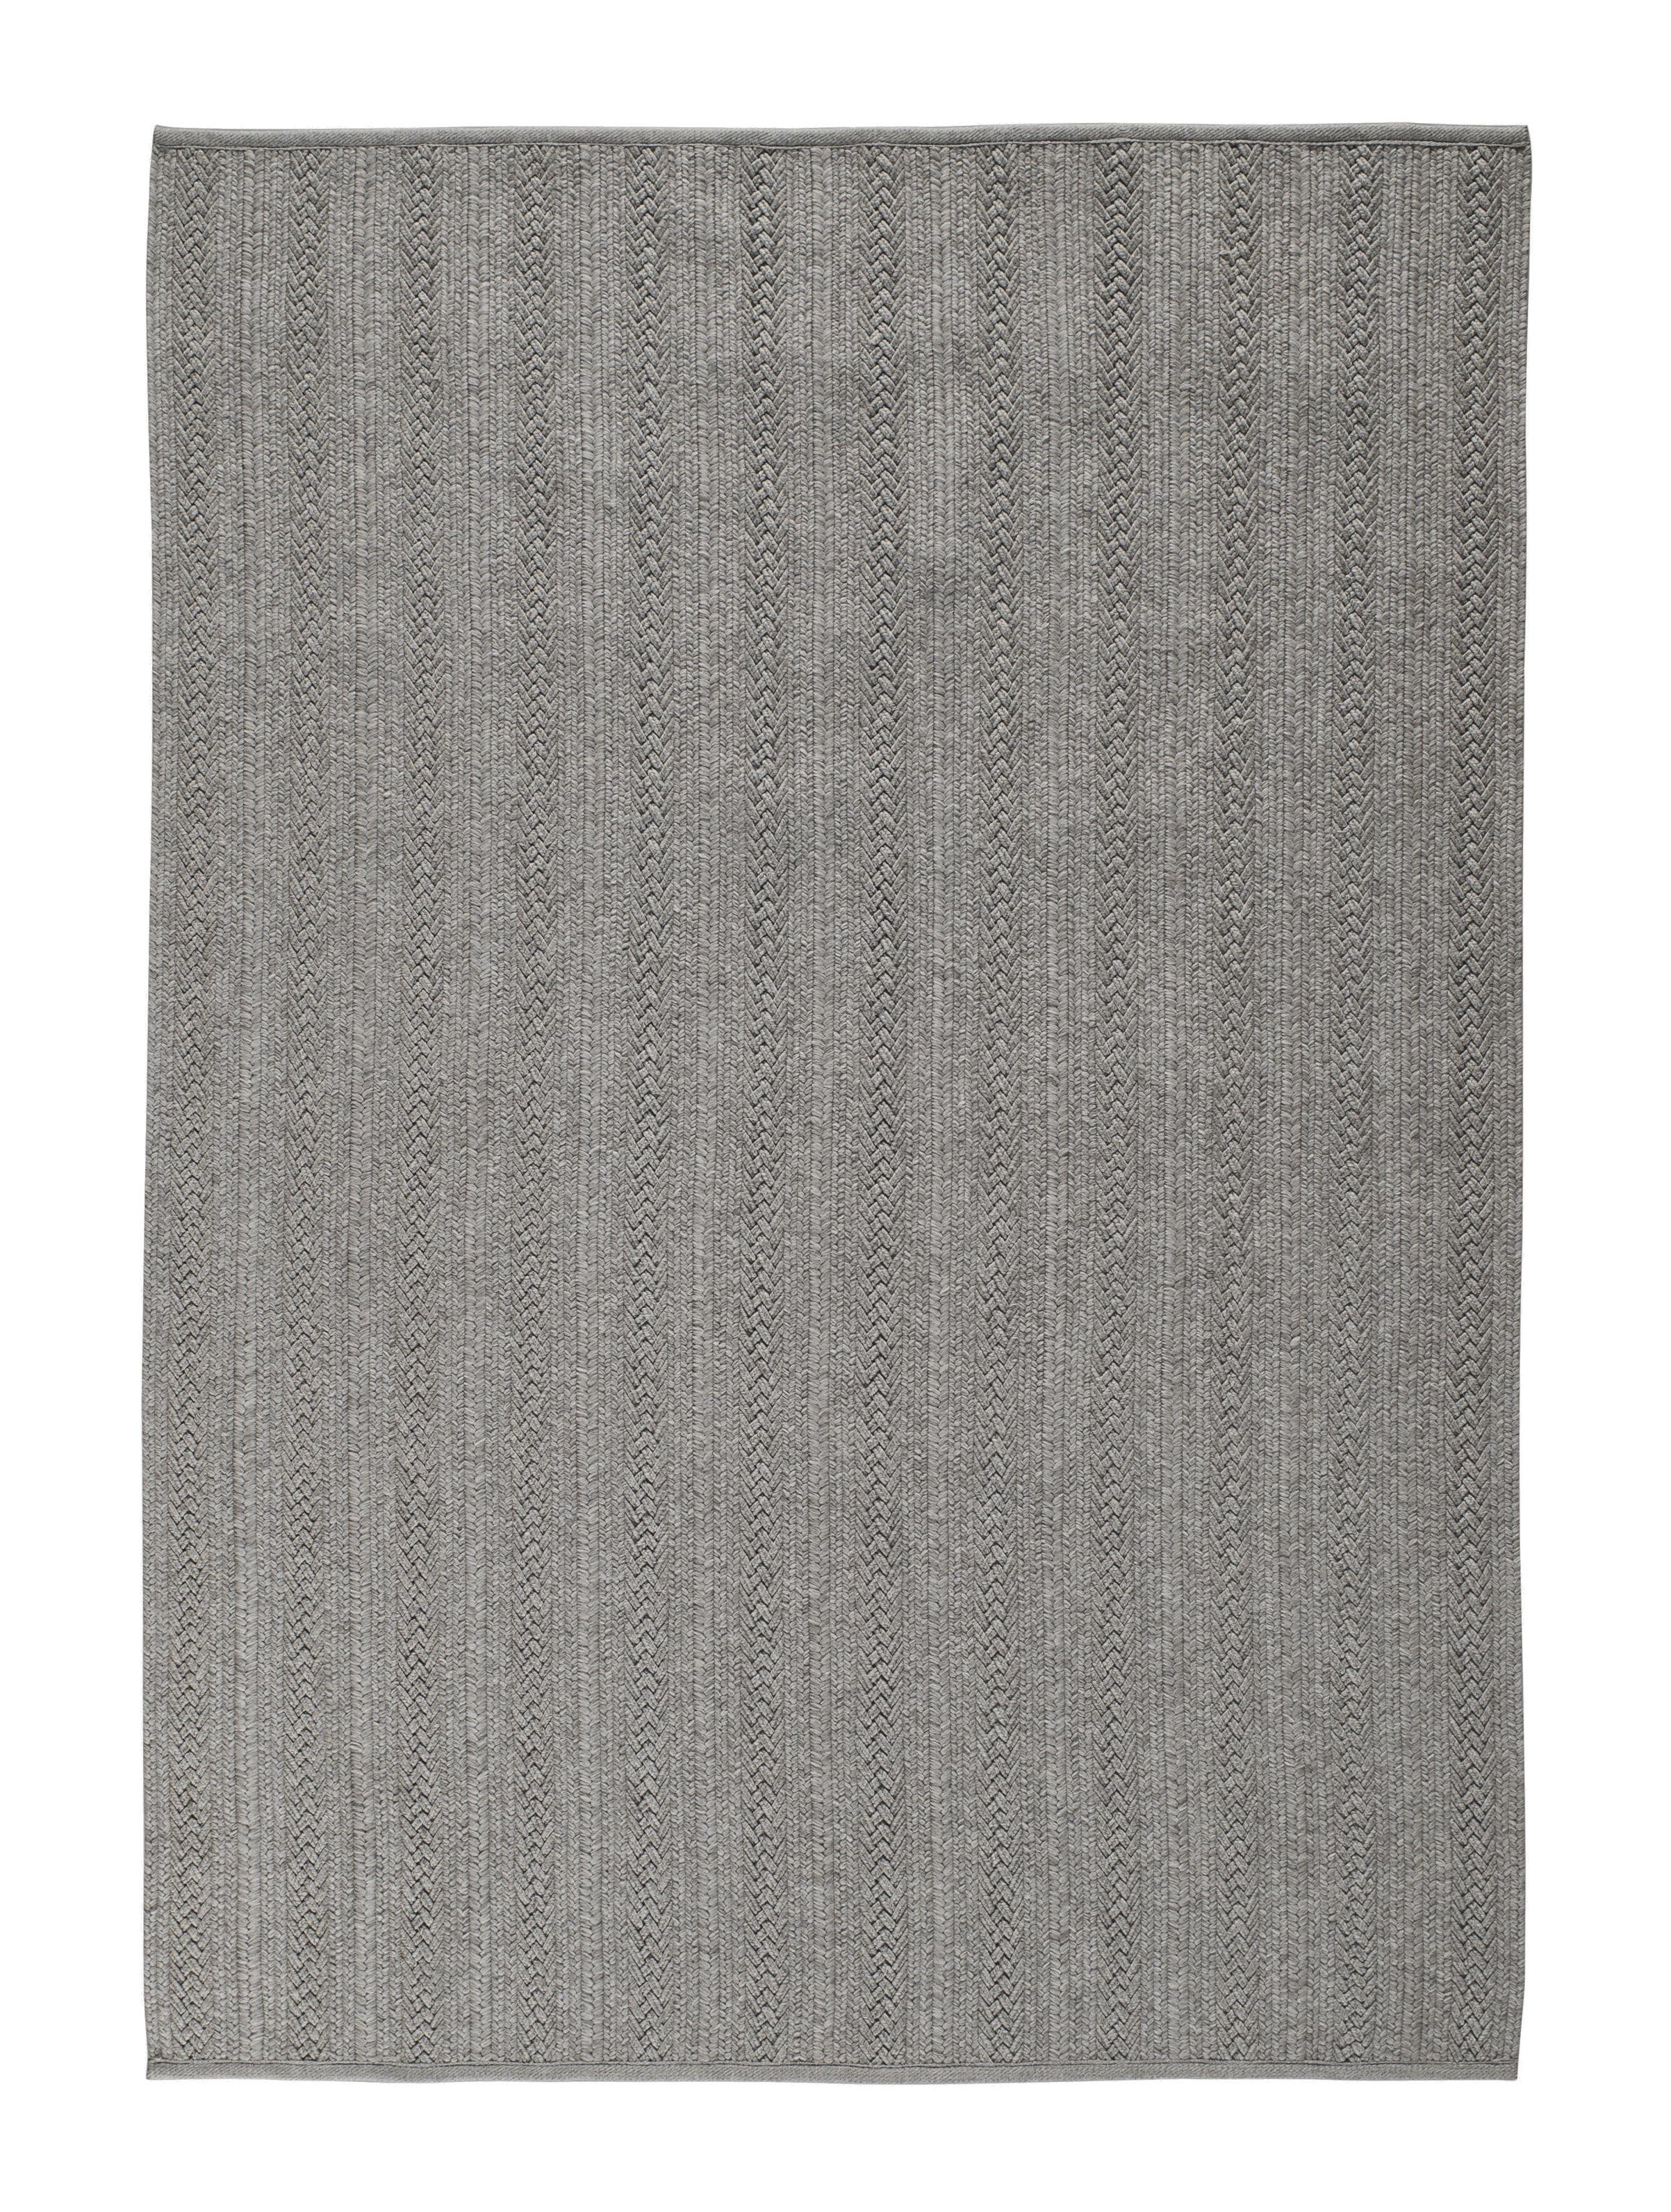 tapis d 39 ext rieur torsade toulemonde bochart gris made. Black Bedroom Furniture Sets. Home Design Ideas